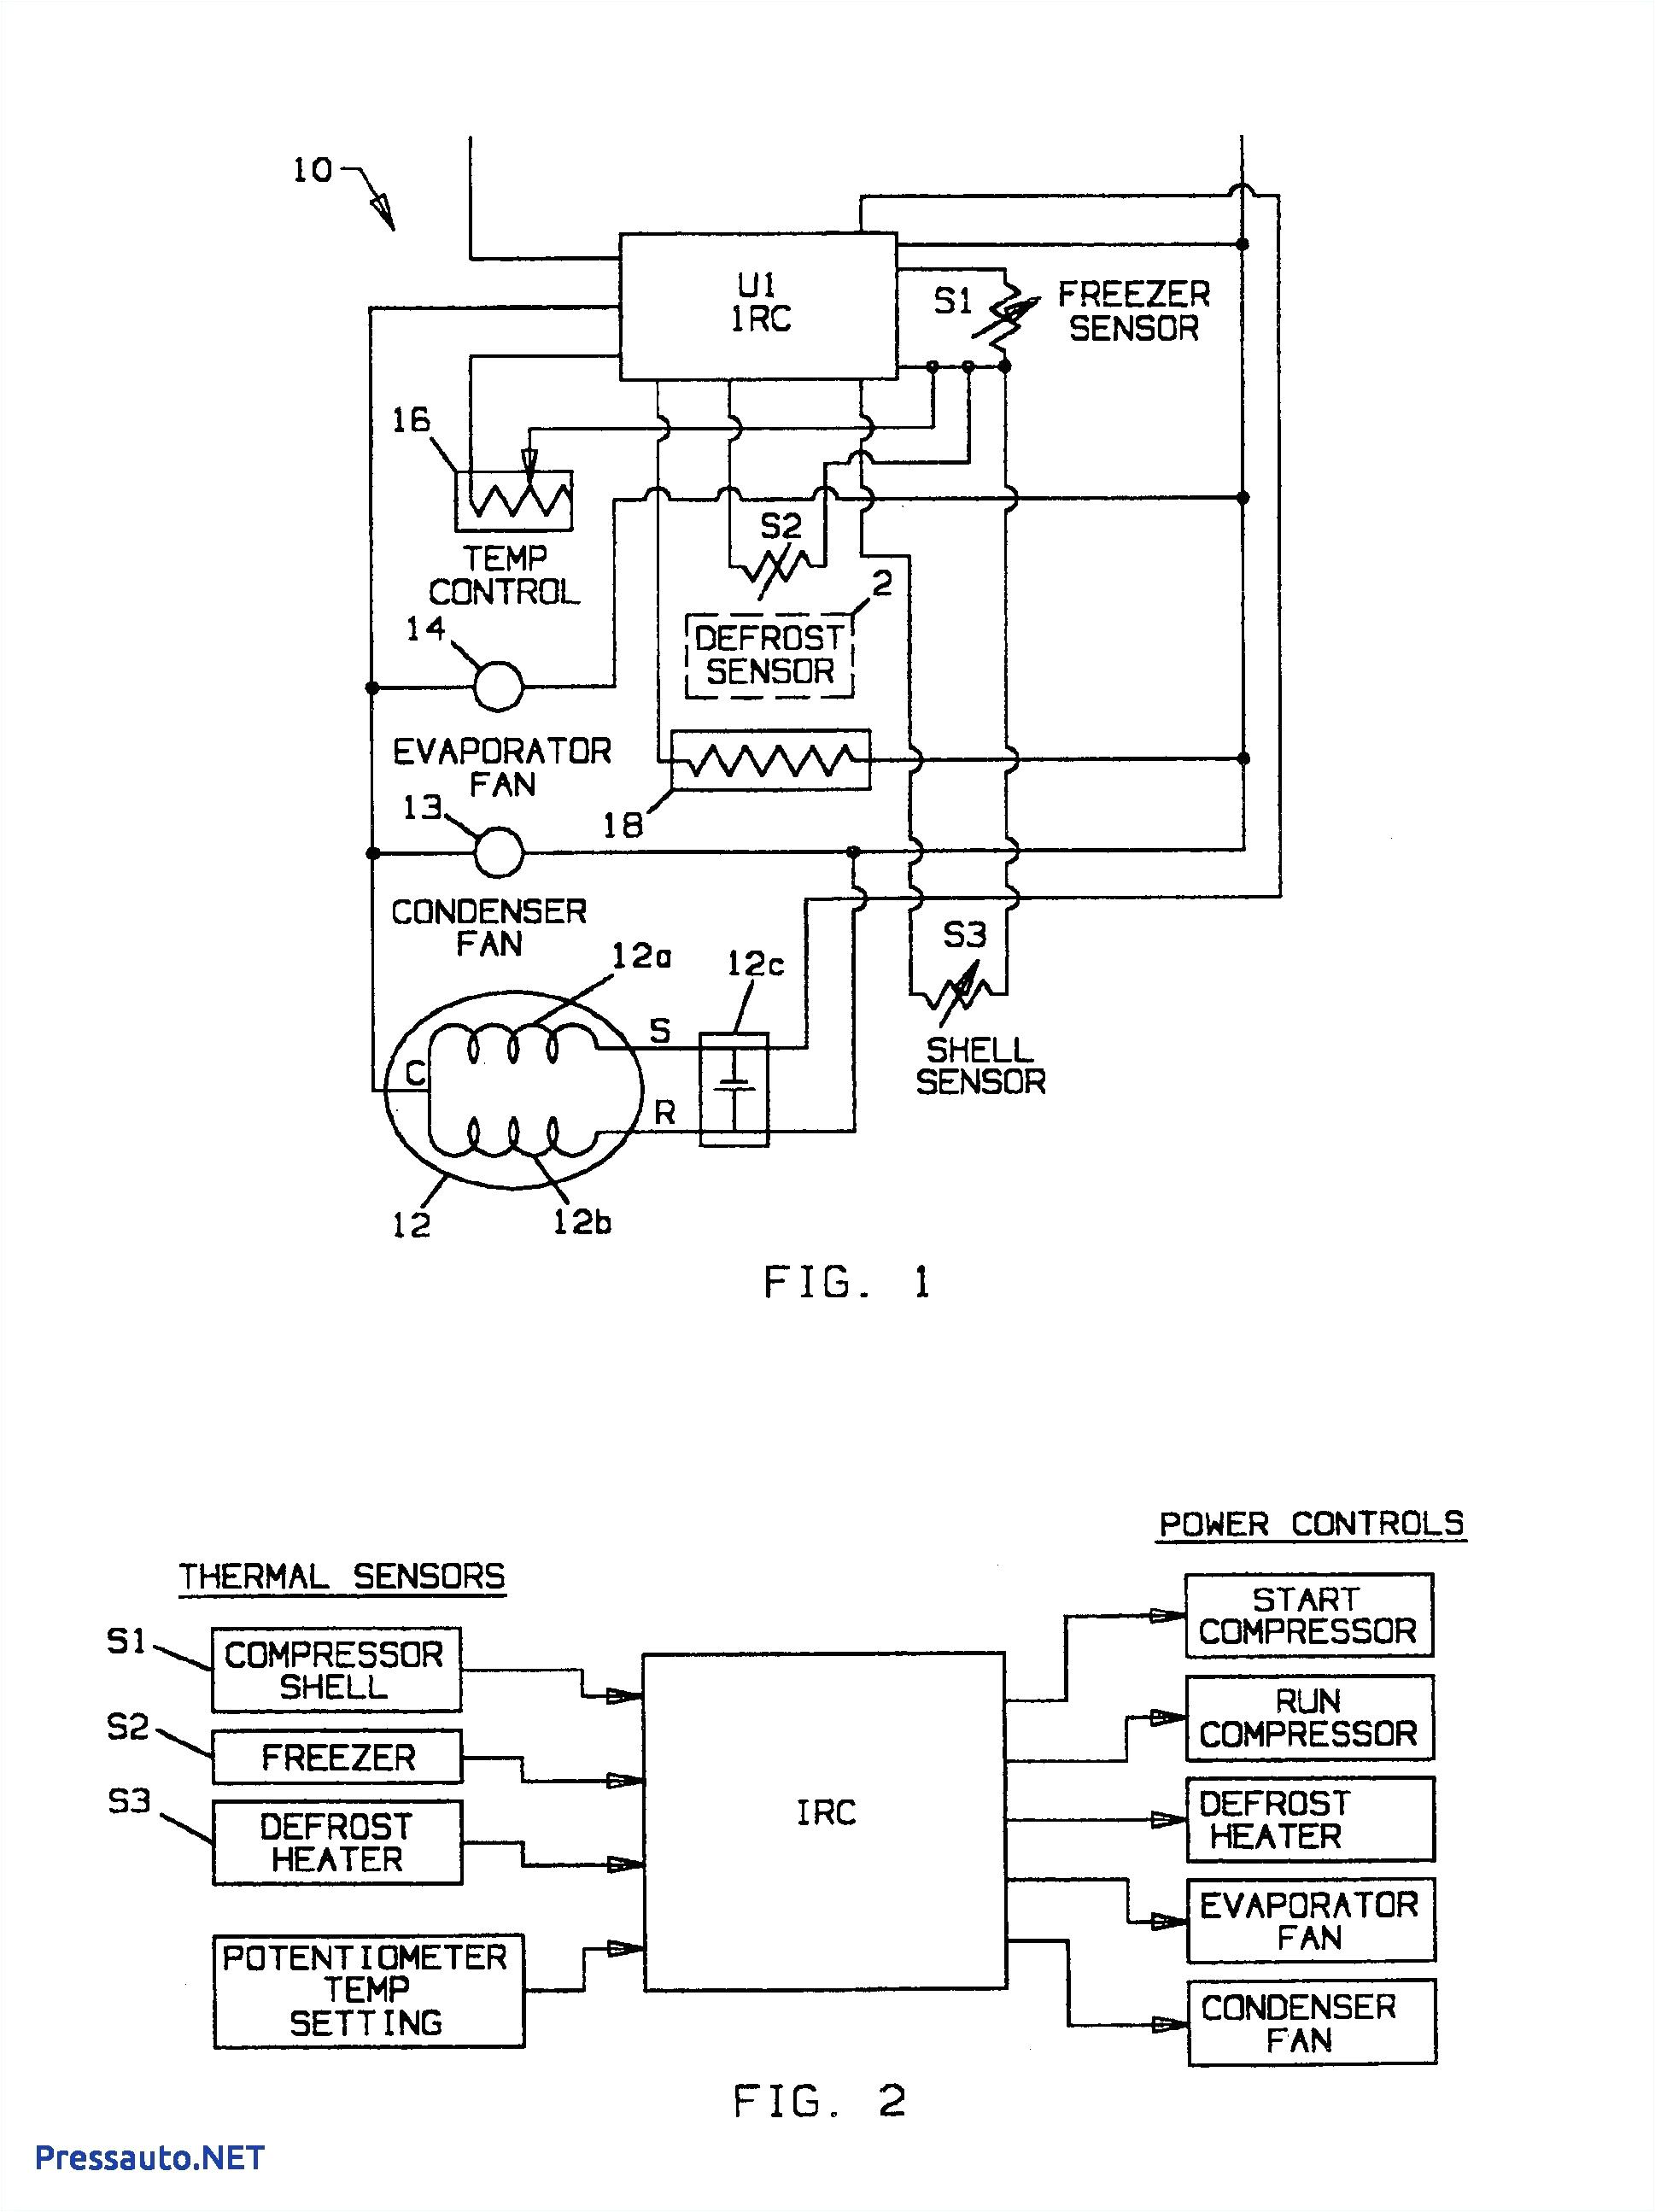 Beverage Air Ef24 1as Wiring Diagram Beverage Air Ef24 1as Wiring Diagram Architecture Diagram